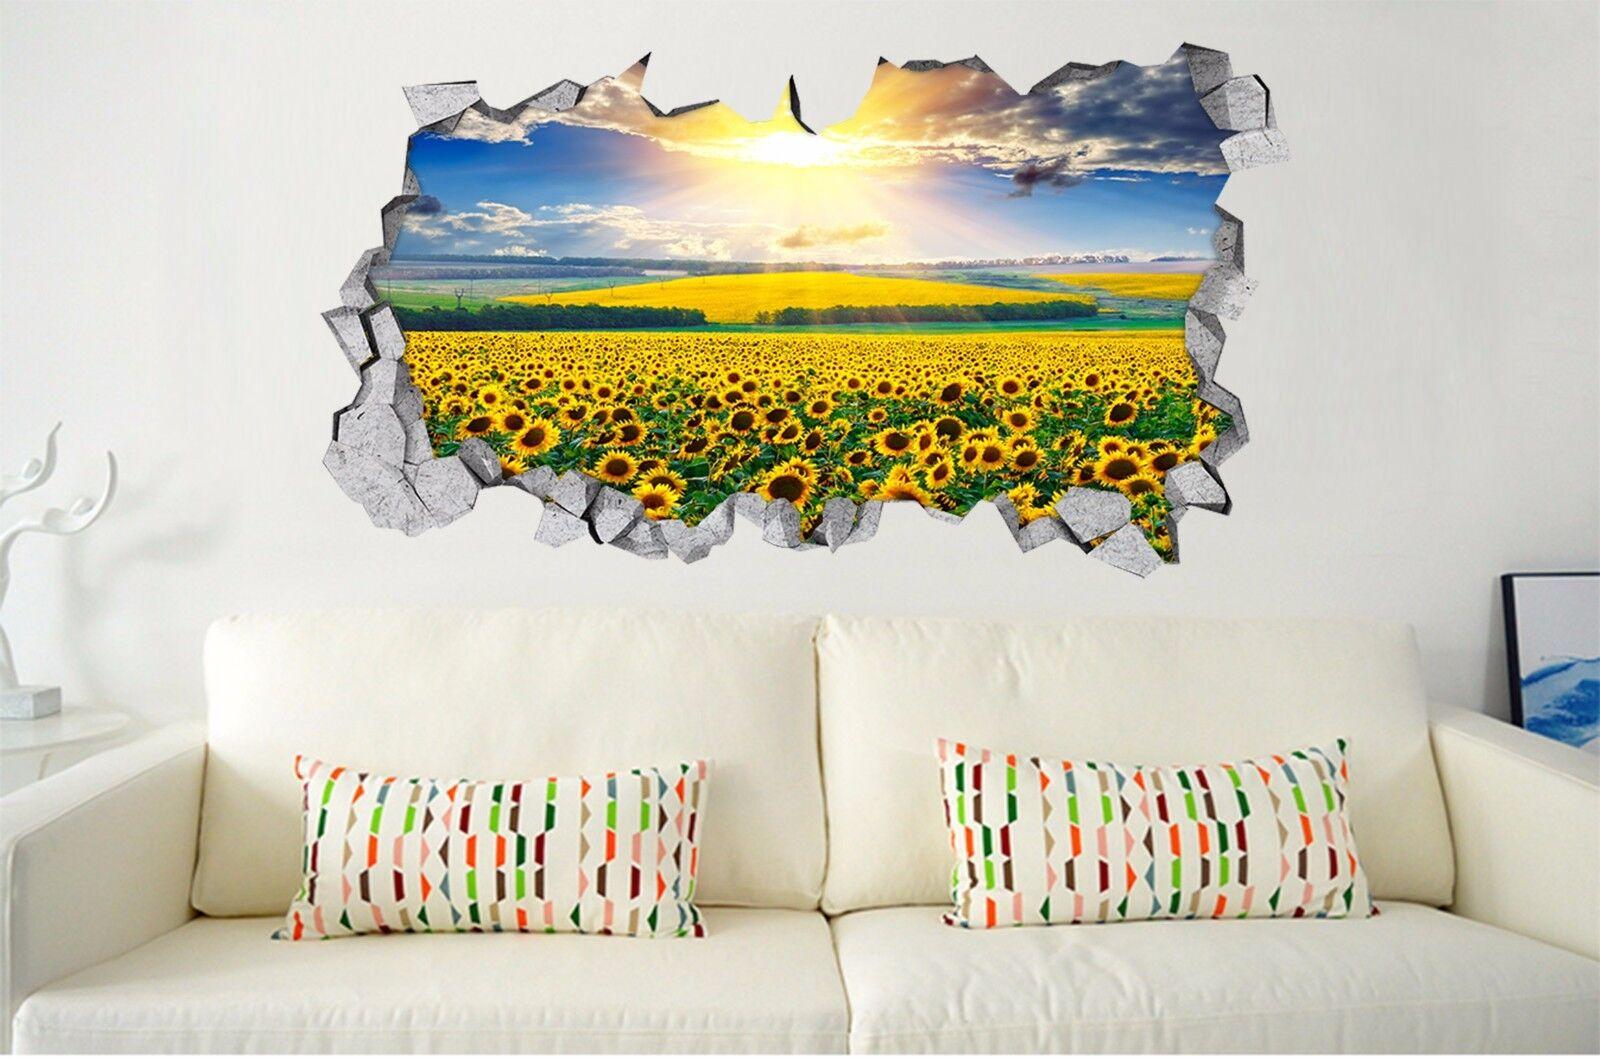 3D Sonnenblume 744 Mauer Murals Mauer Aufklebe Decal Durchbruch AJ WALLPAPER DE